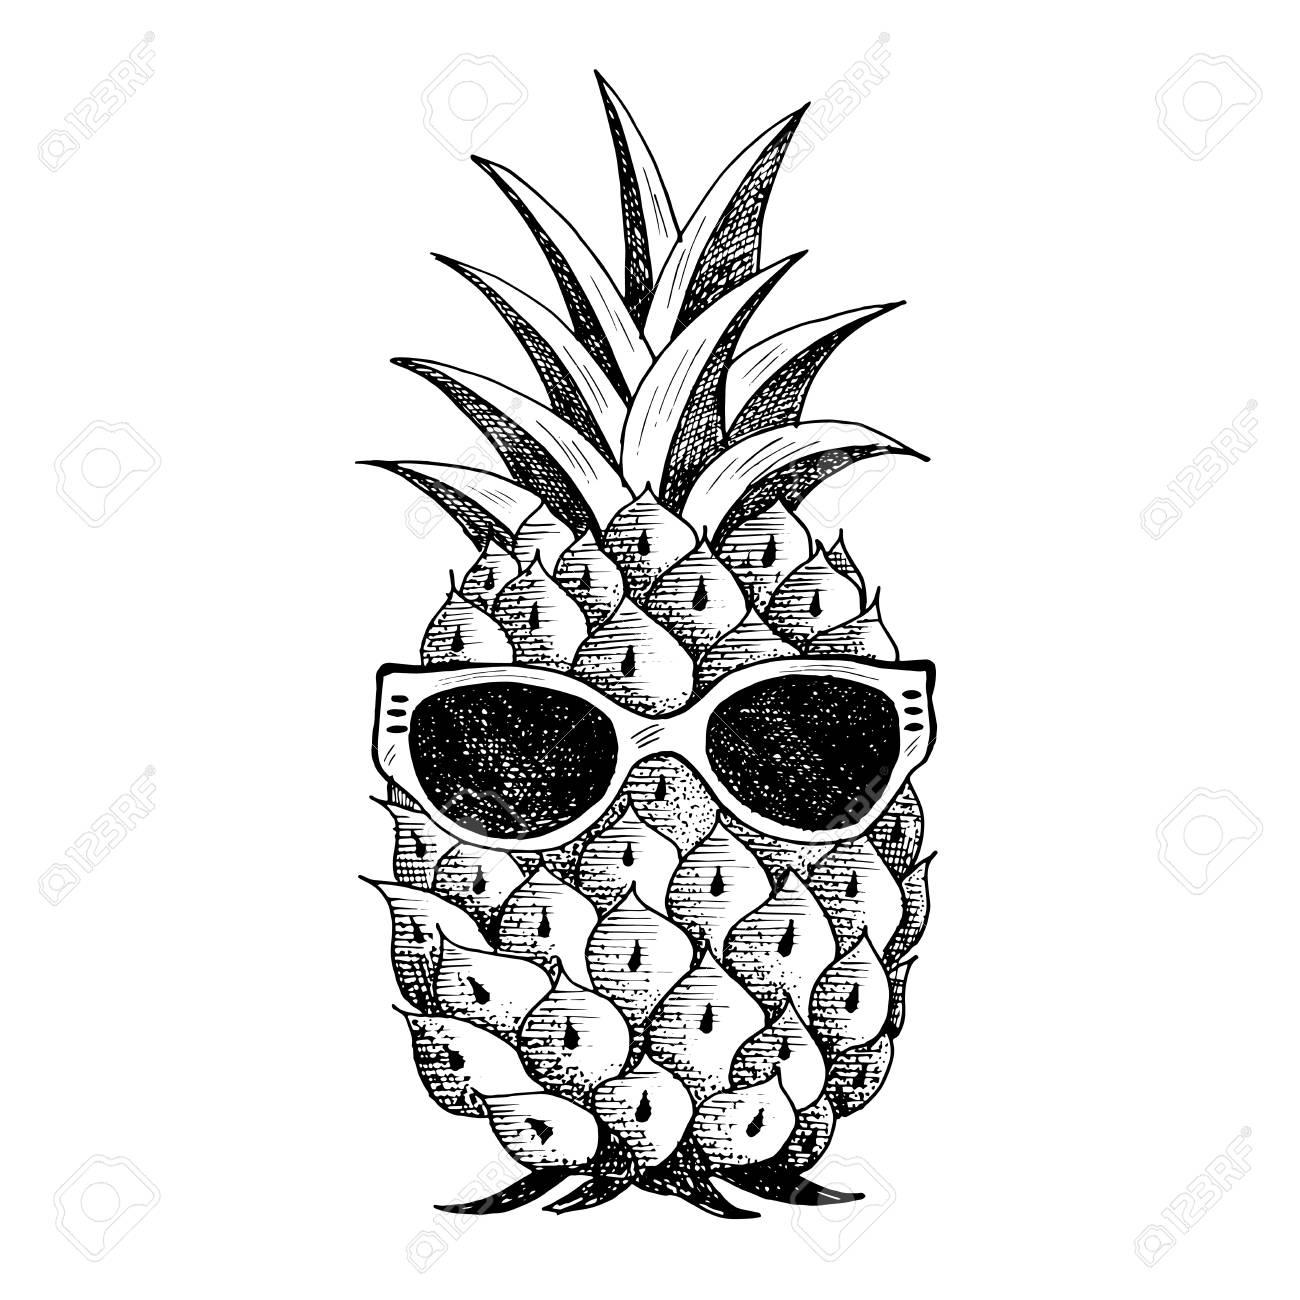 Summer pineapple in glasses. - 126000726